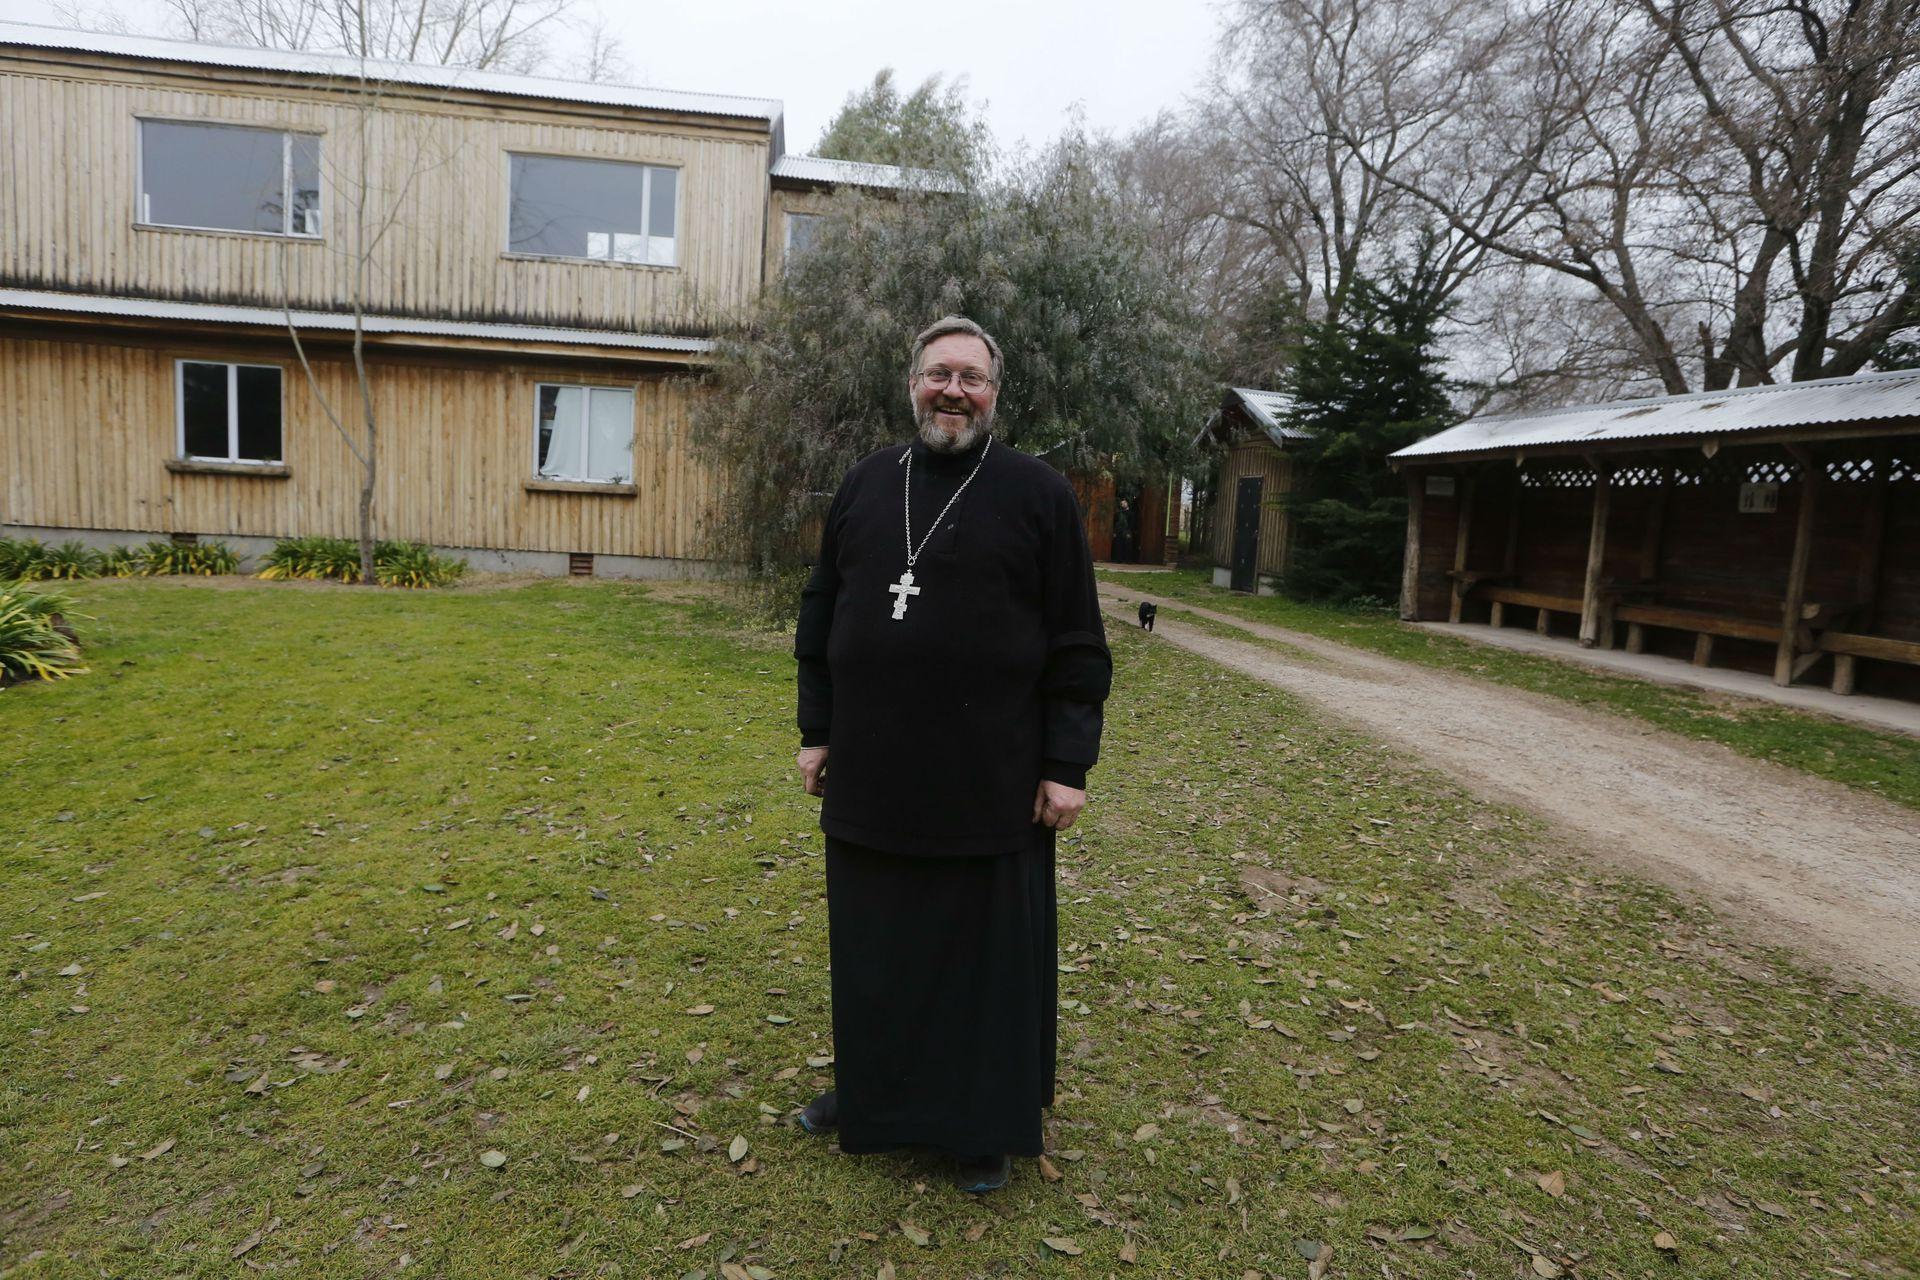 El padre Sergio, uno de los tres monjes que viven allí